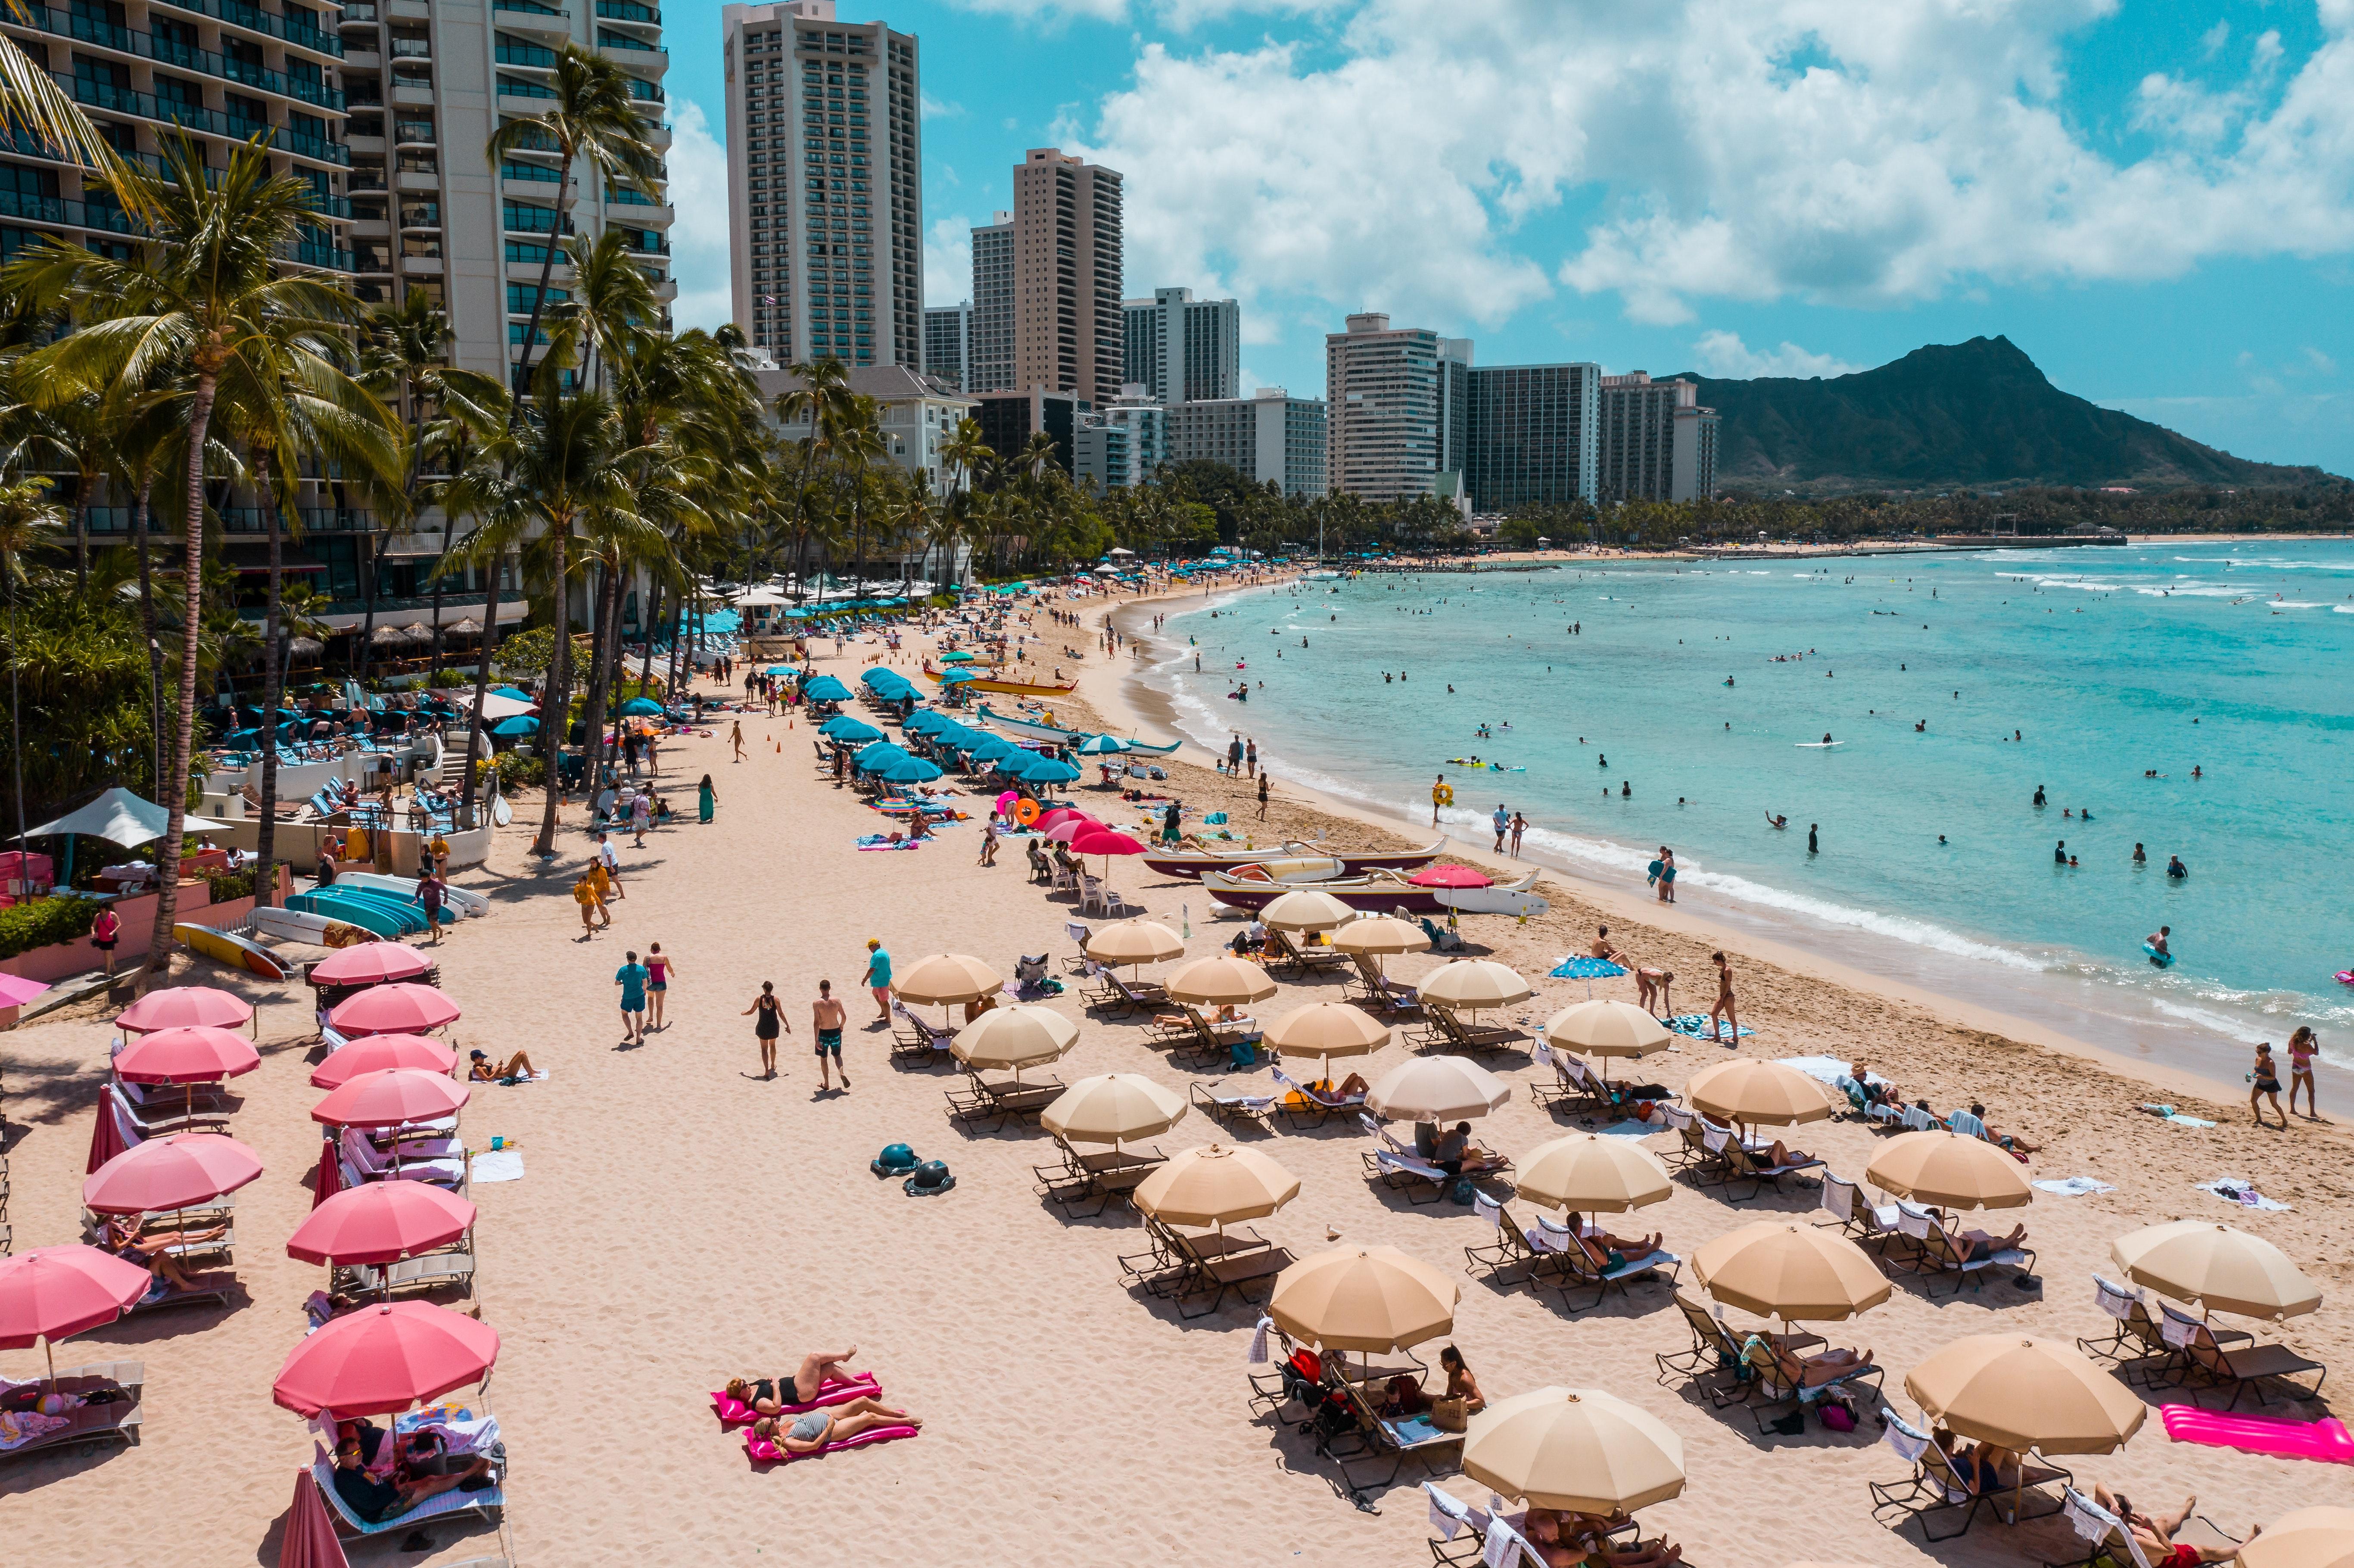 ハワイで使う日焼け止めには注意が必要!どんな日焼け止めなら使える?